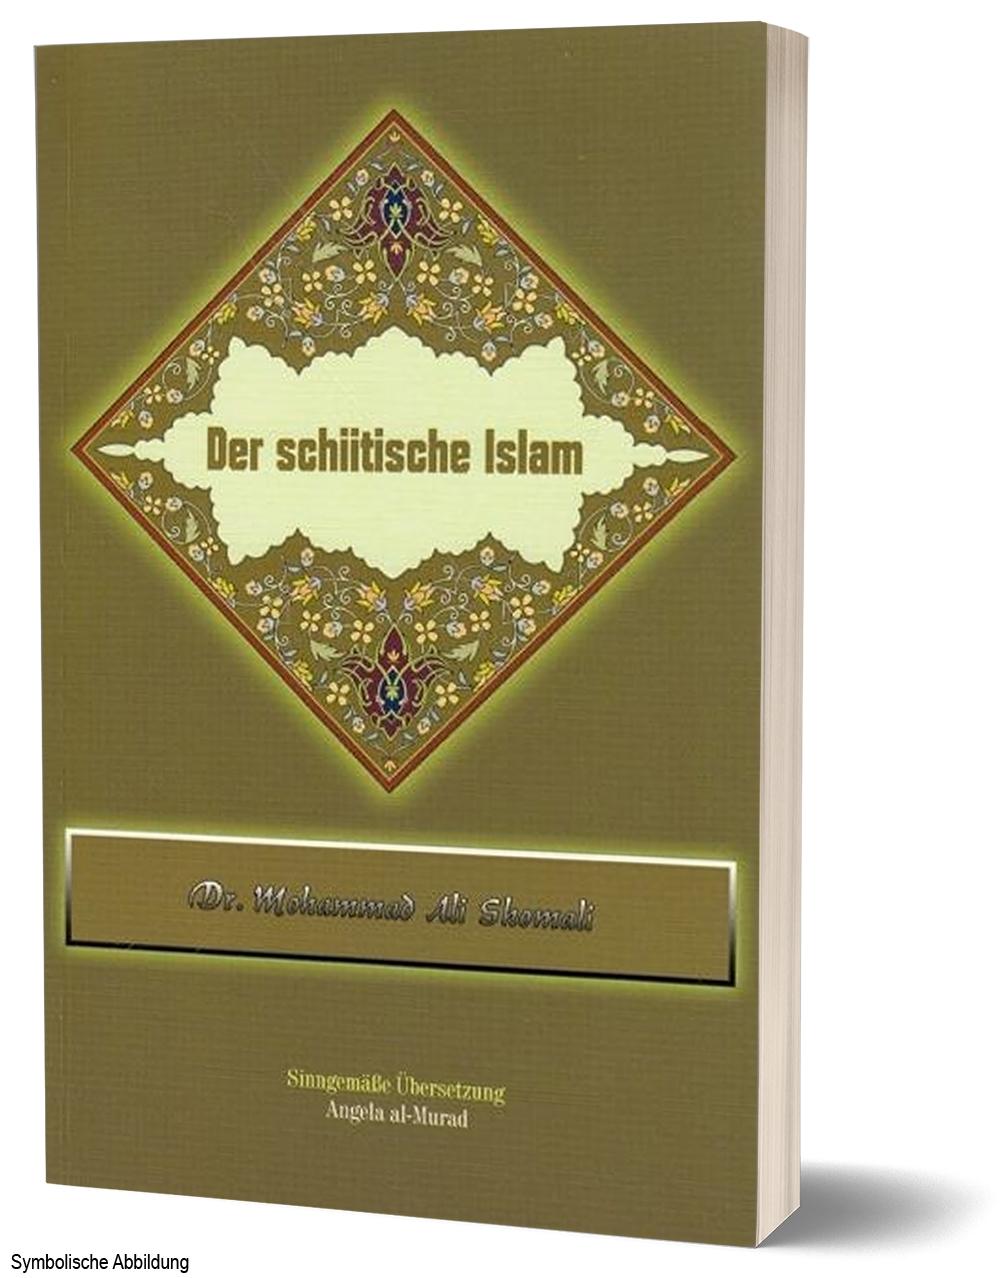 Der schiitische Islam - sehr detailierte Erklärungen inkl. Quellangaben